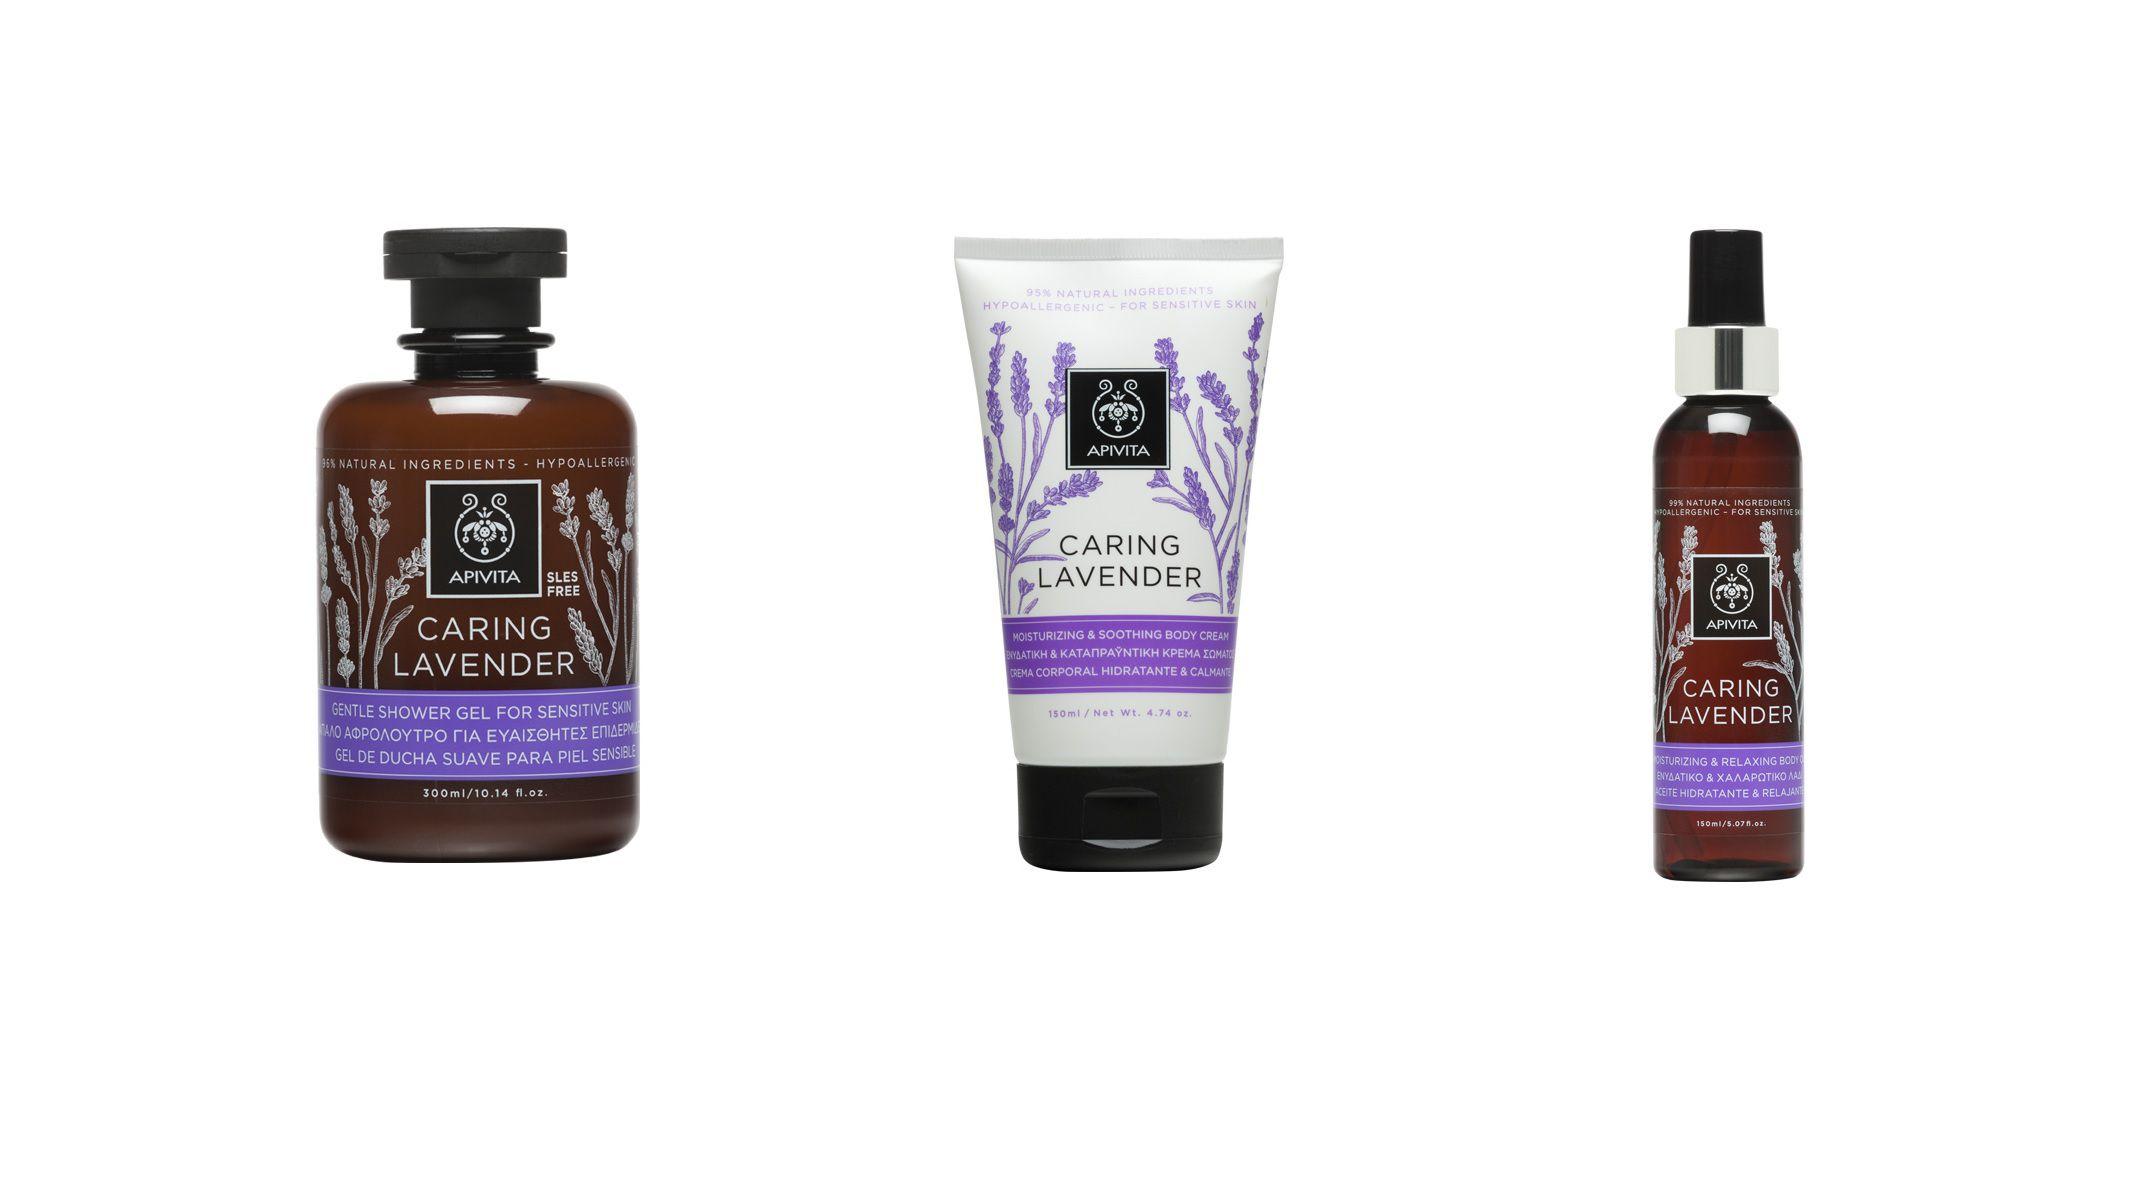 Novi način za borbu protiv suhe i osjetljive kože